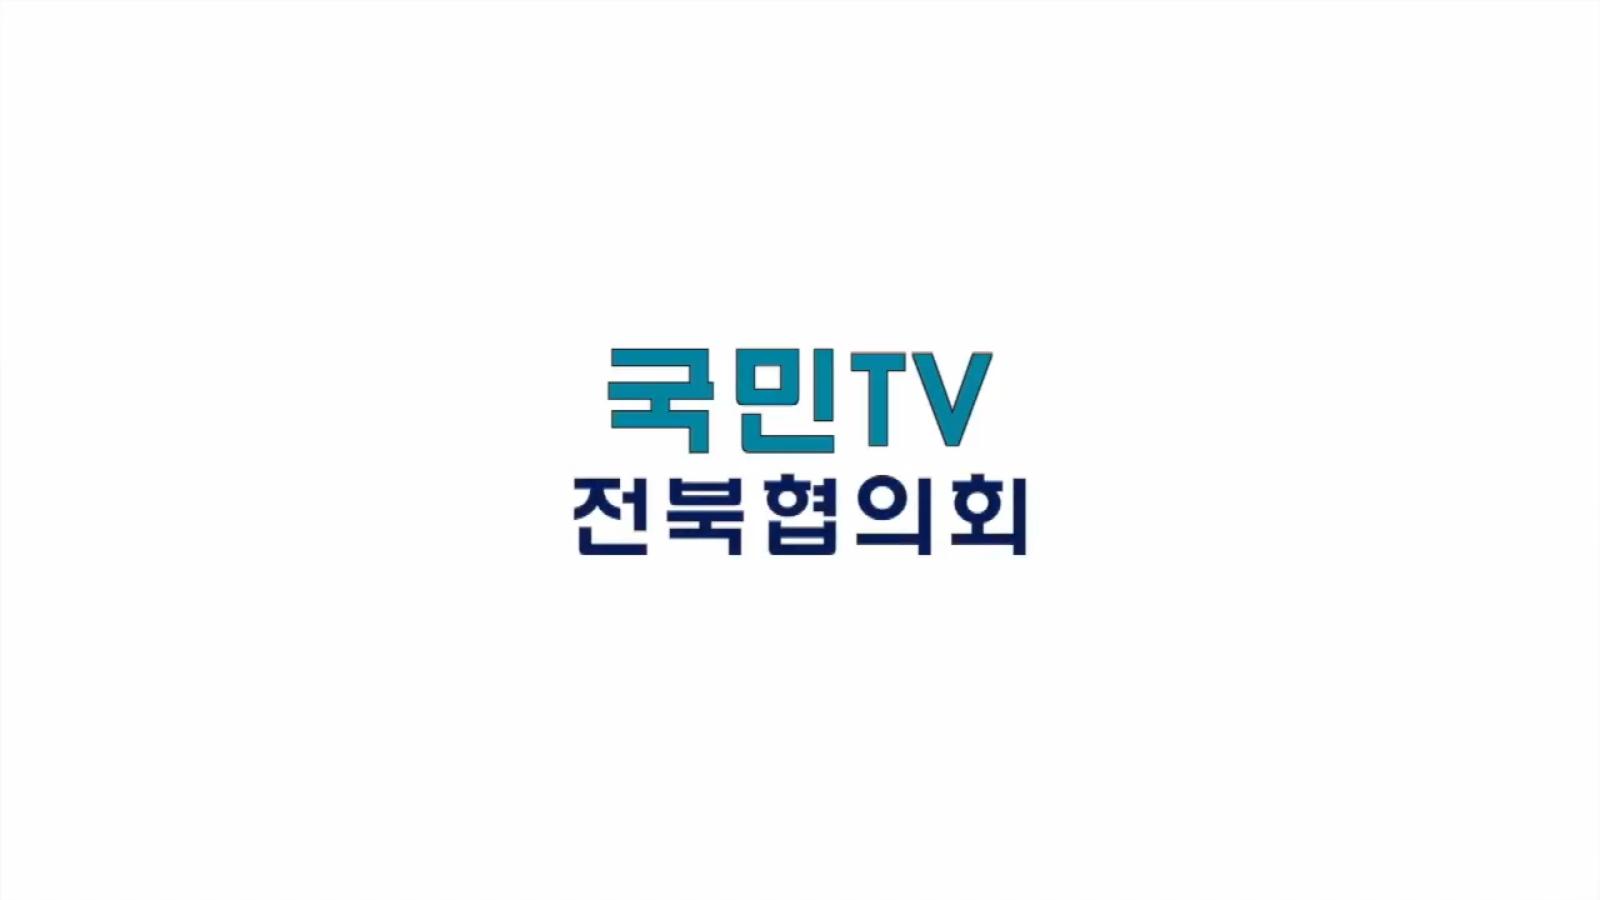 [18.1.17 국민TV전북] 공지영 작가 초청 방송_봉침 이목사 사건과 검찰의 기소 축소 이유8.jpg